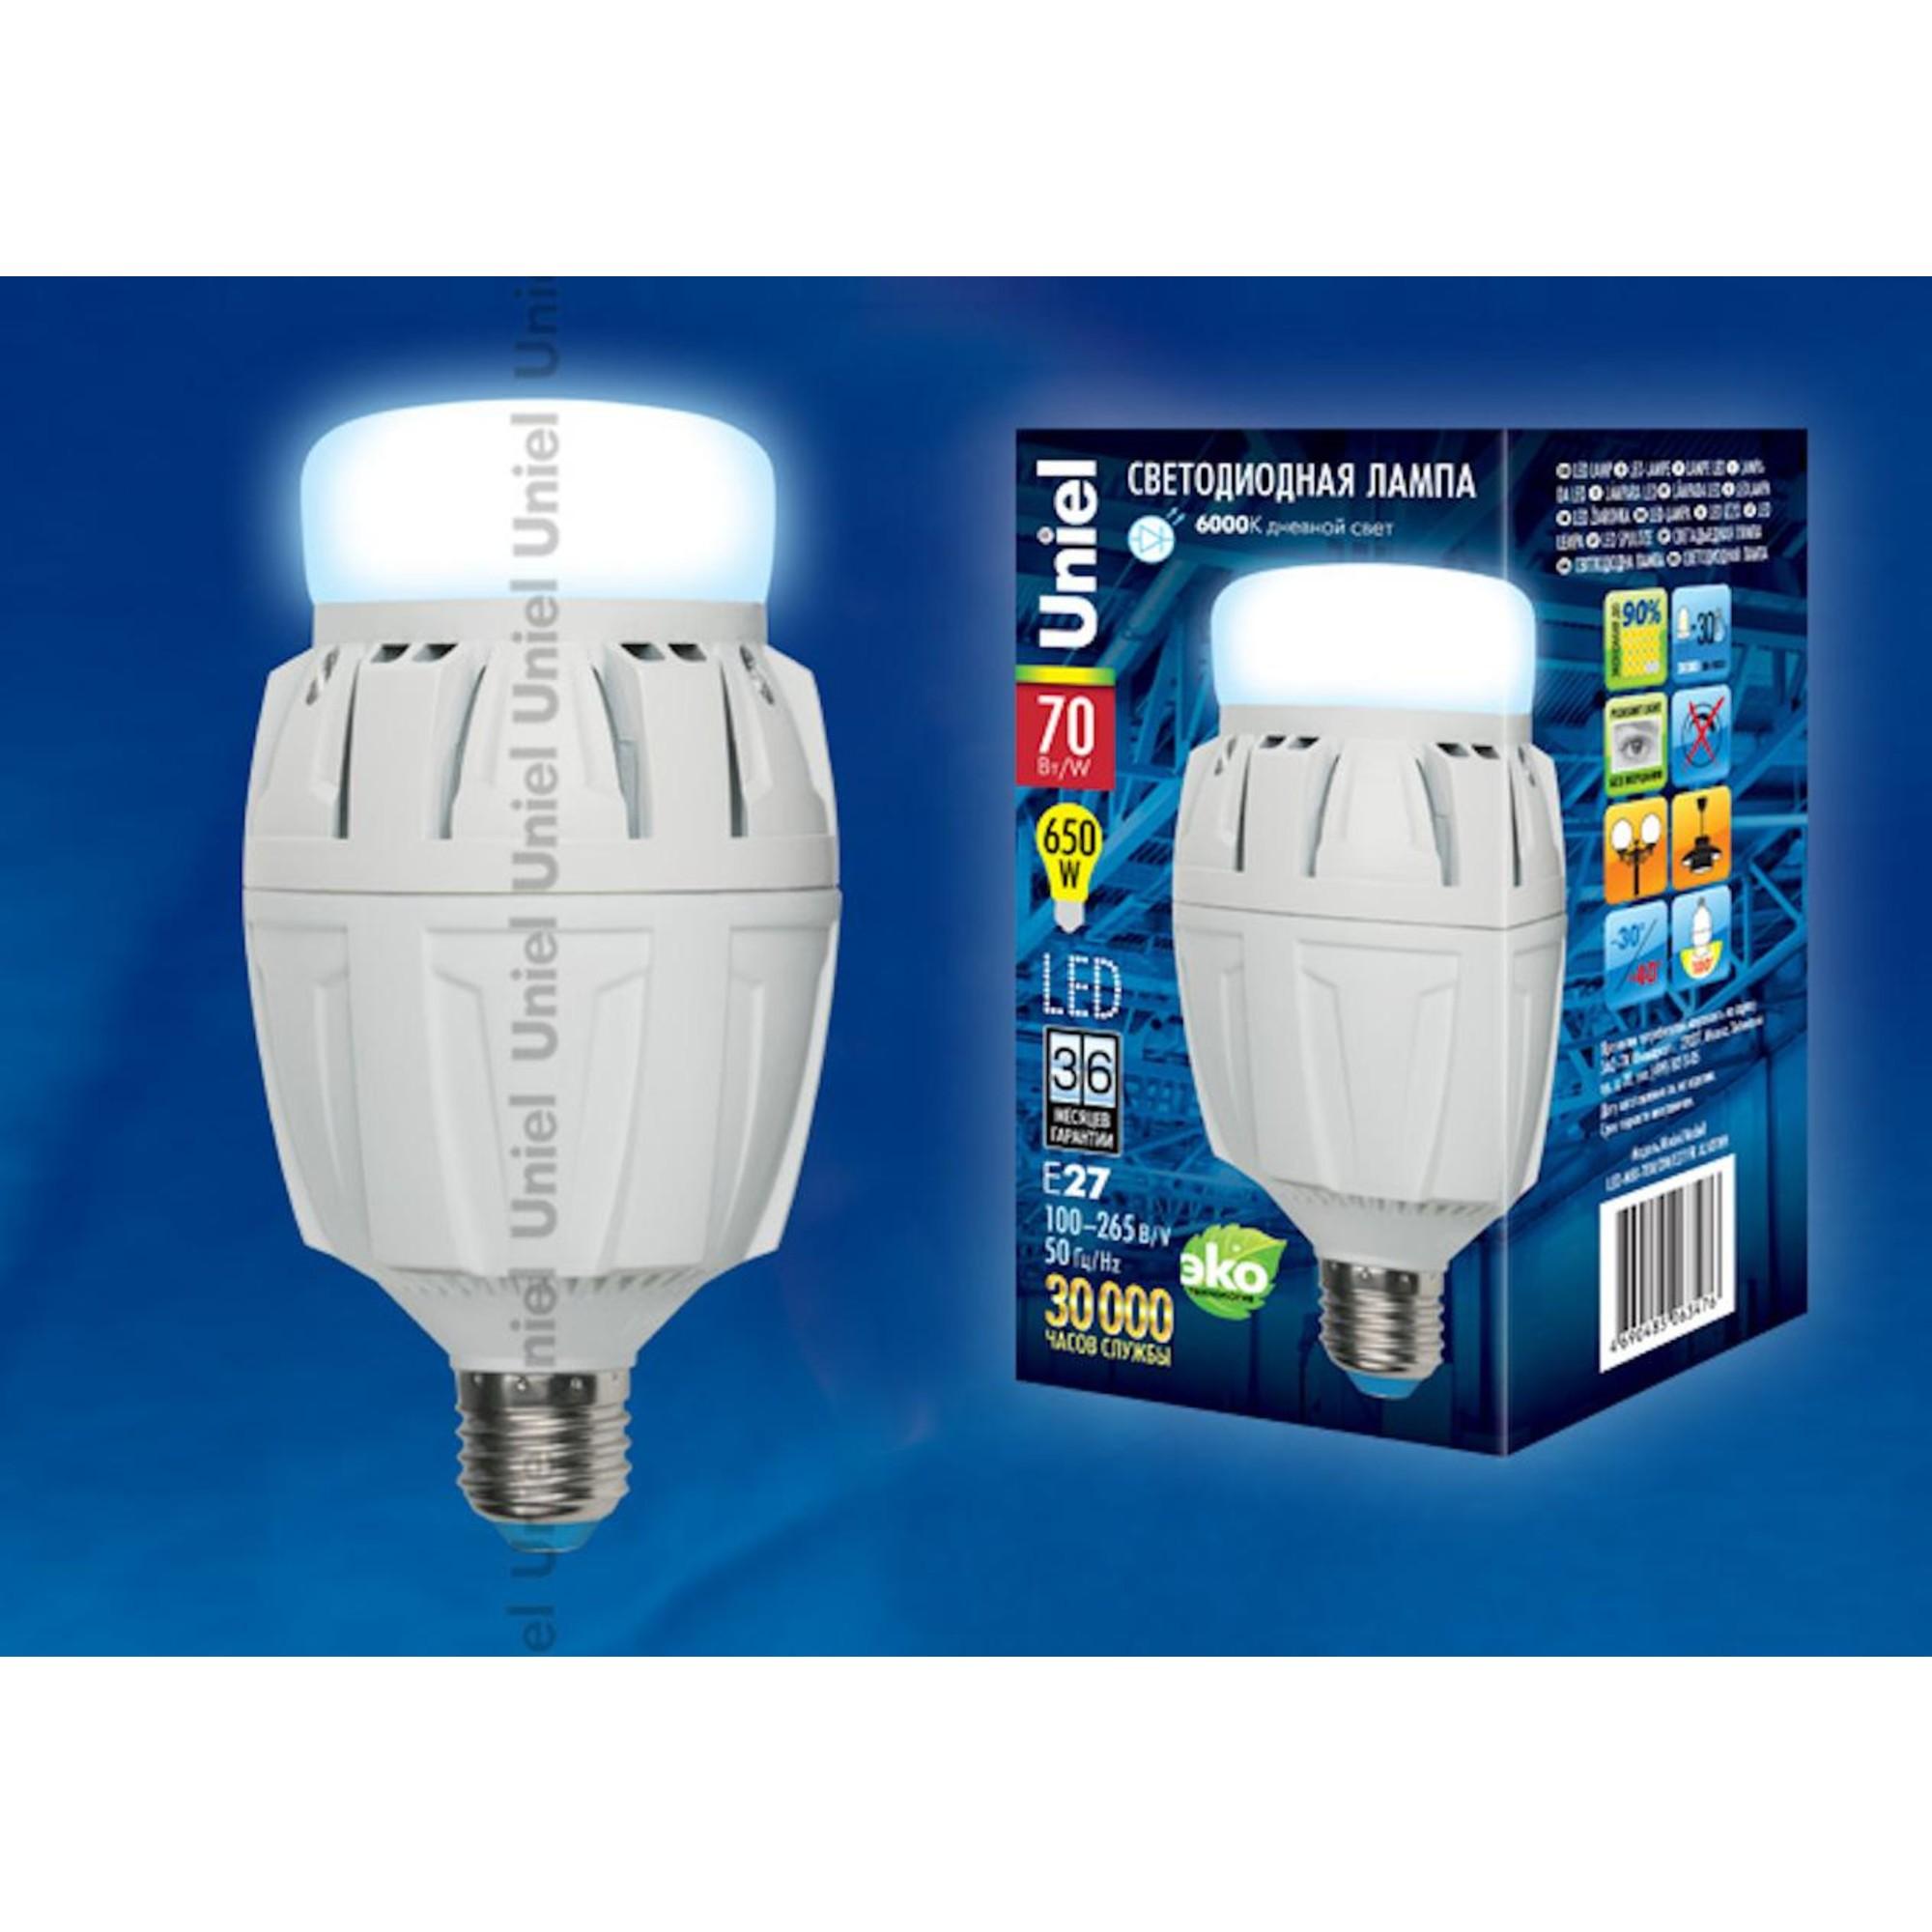 Лампа Volpe светодиодная E27 70 Вт дневной свет